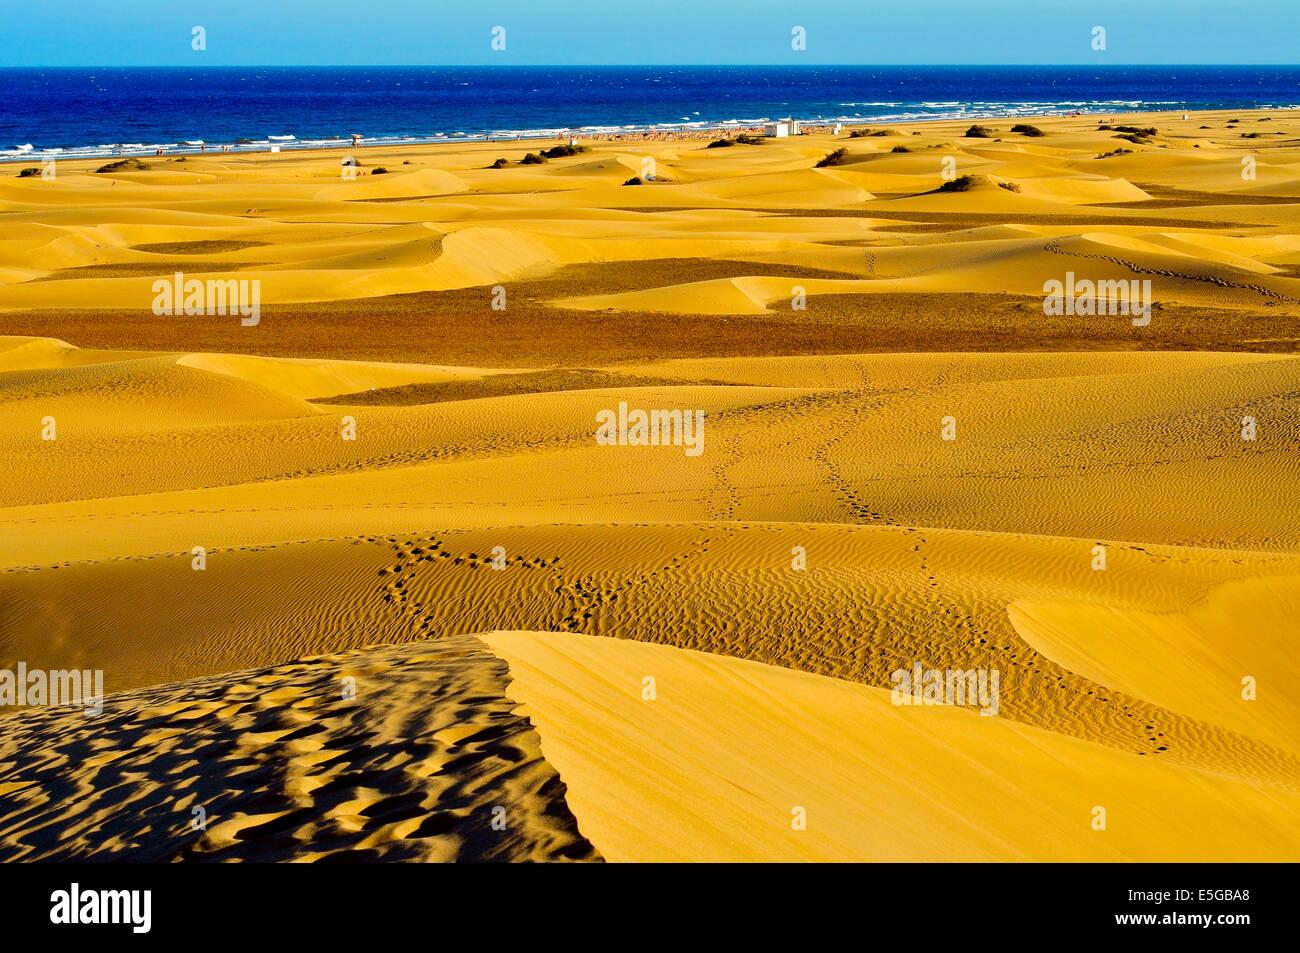 ein Blick auf die natürliche Reserve der Dünen von Maspalomas in Gran Canaria, Kanarische Inseln, Spanien Stockbild